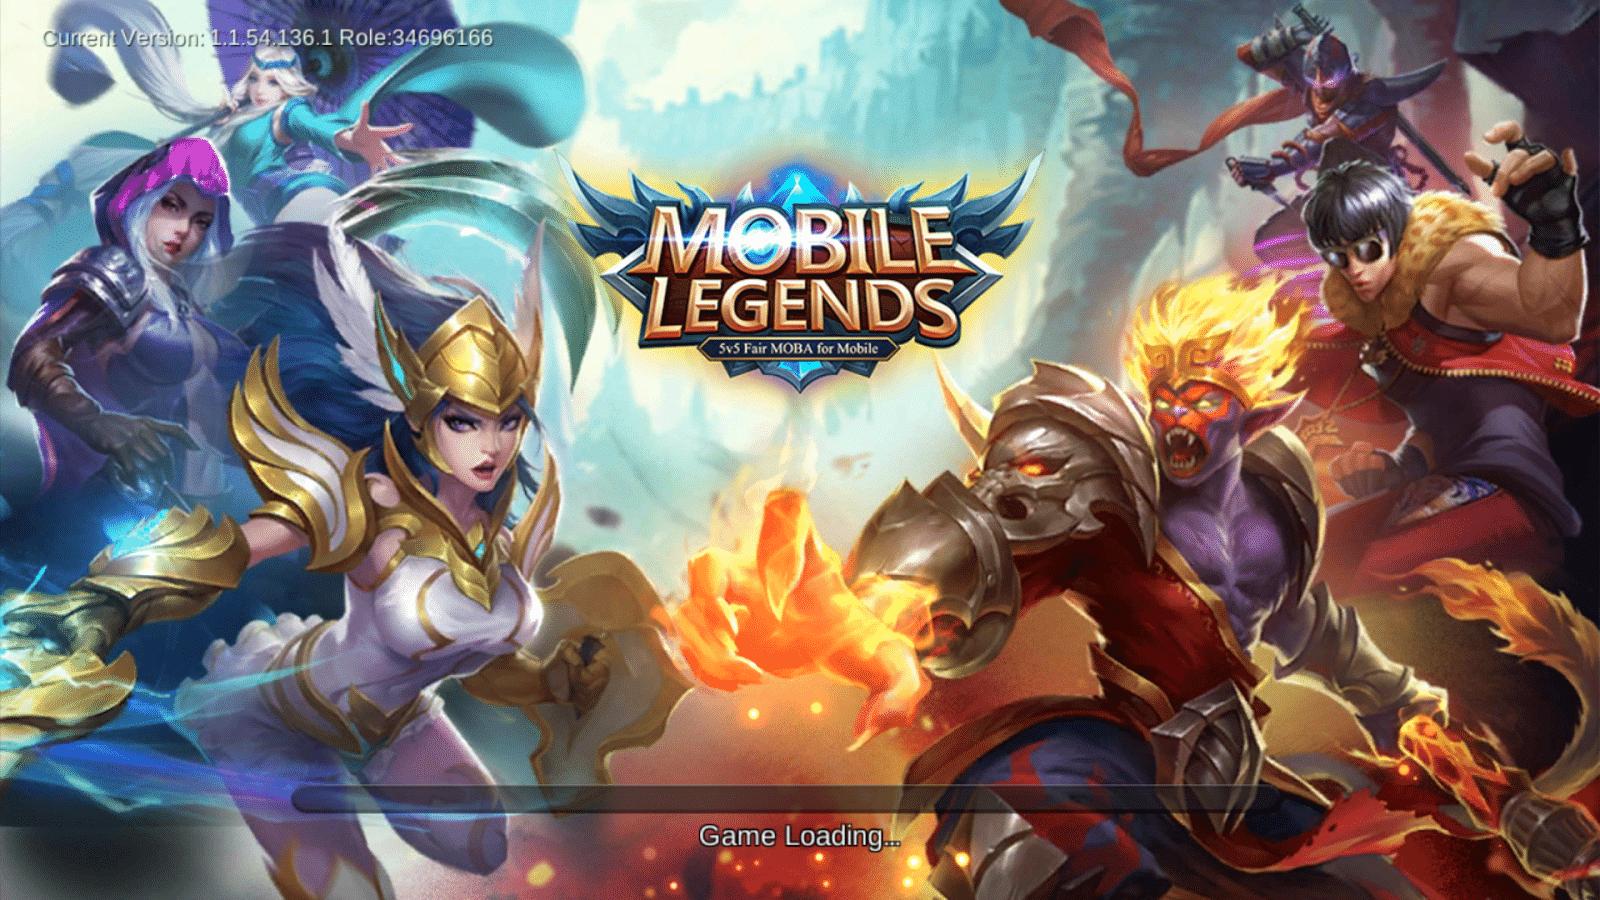 Download Mobile Legends Mod Apk Unlimited Money Skins